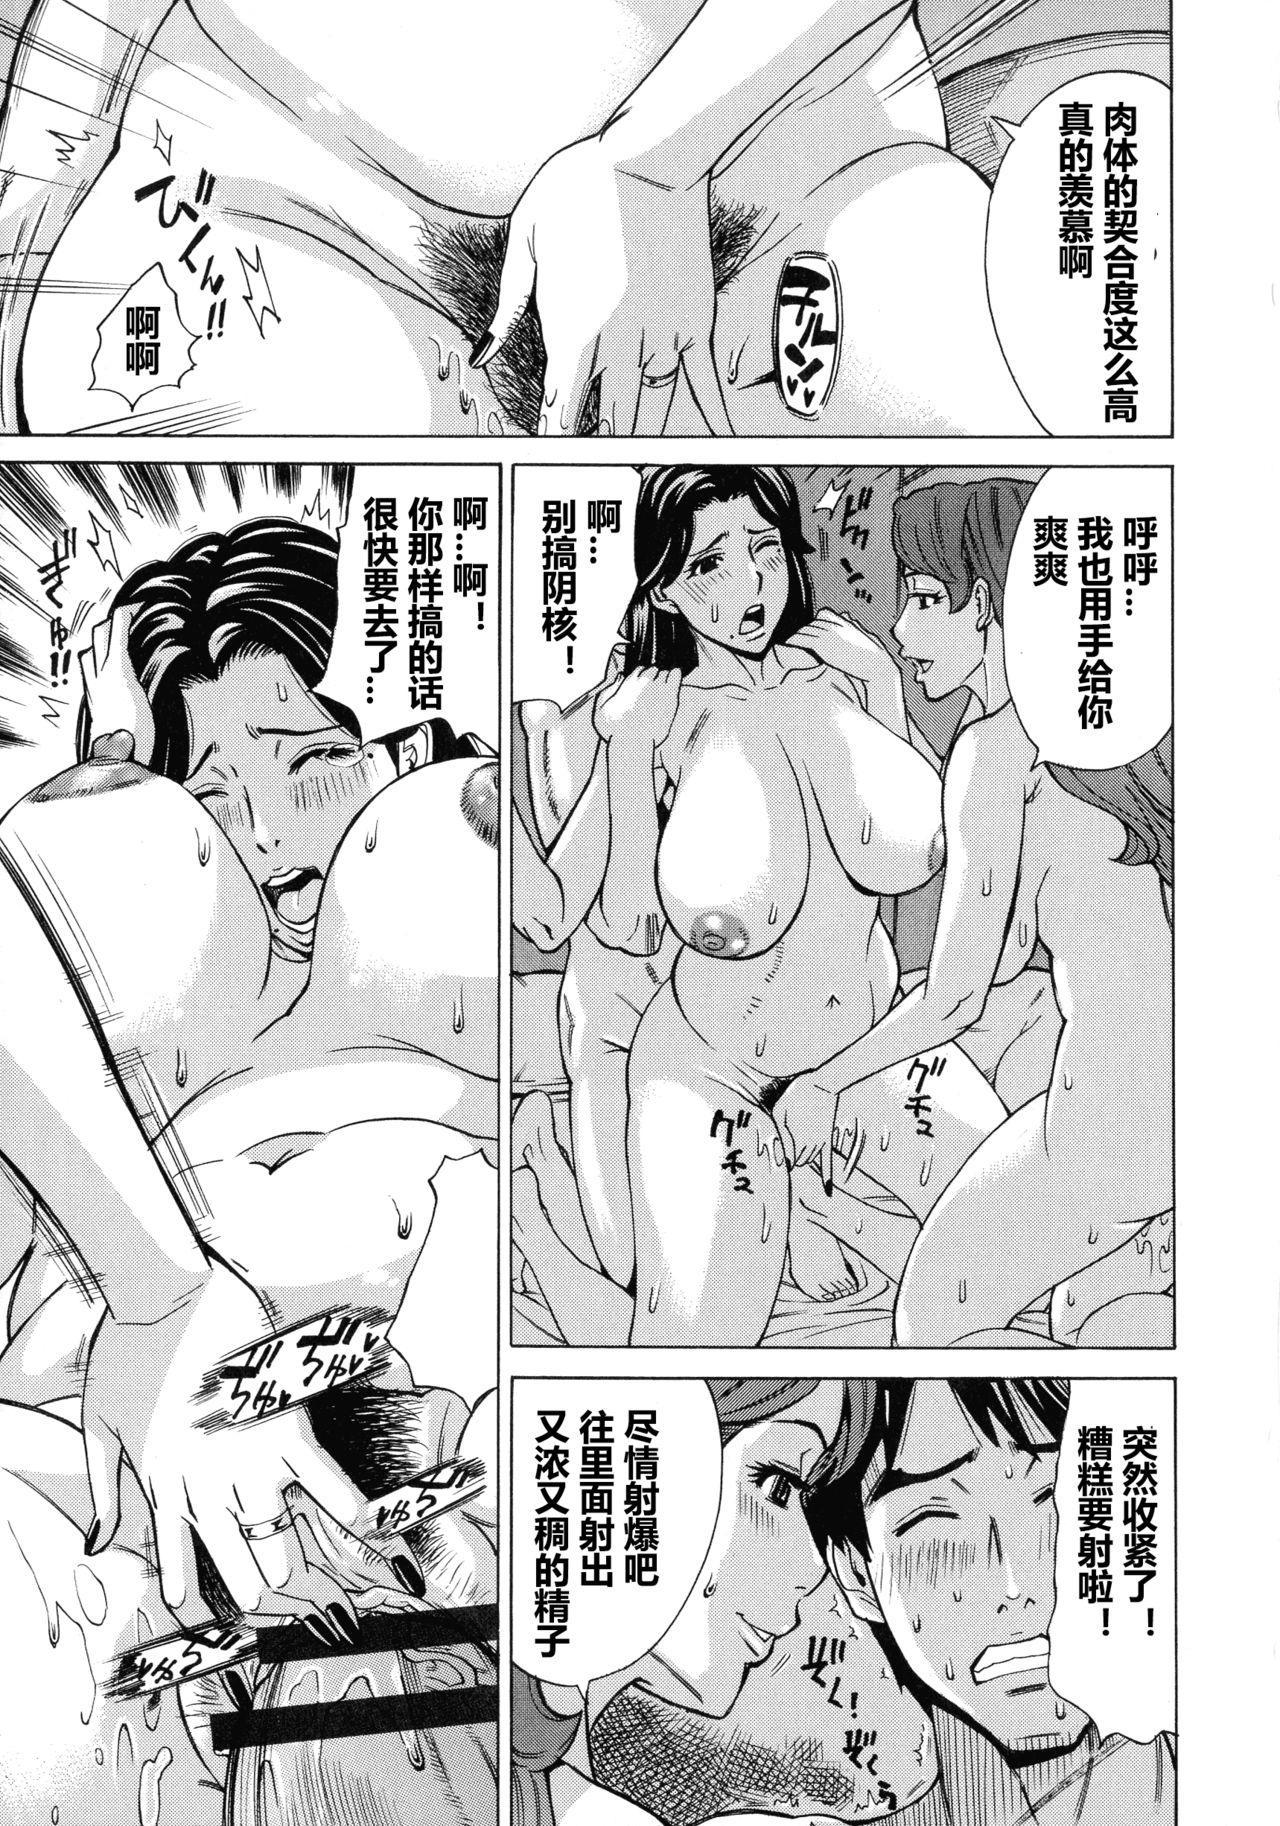 Hitozuma Koi Hanabi ~ Hajimete no Furin ga 3P ni Itaru made .04(chinese)【每天一发的个人汉化】 16